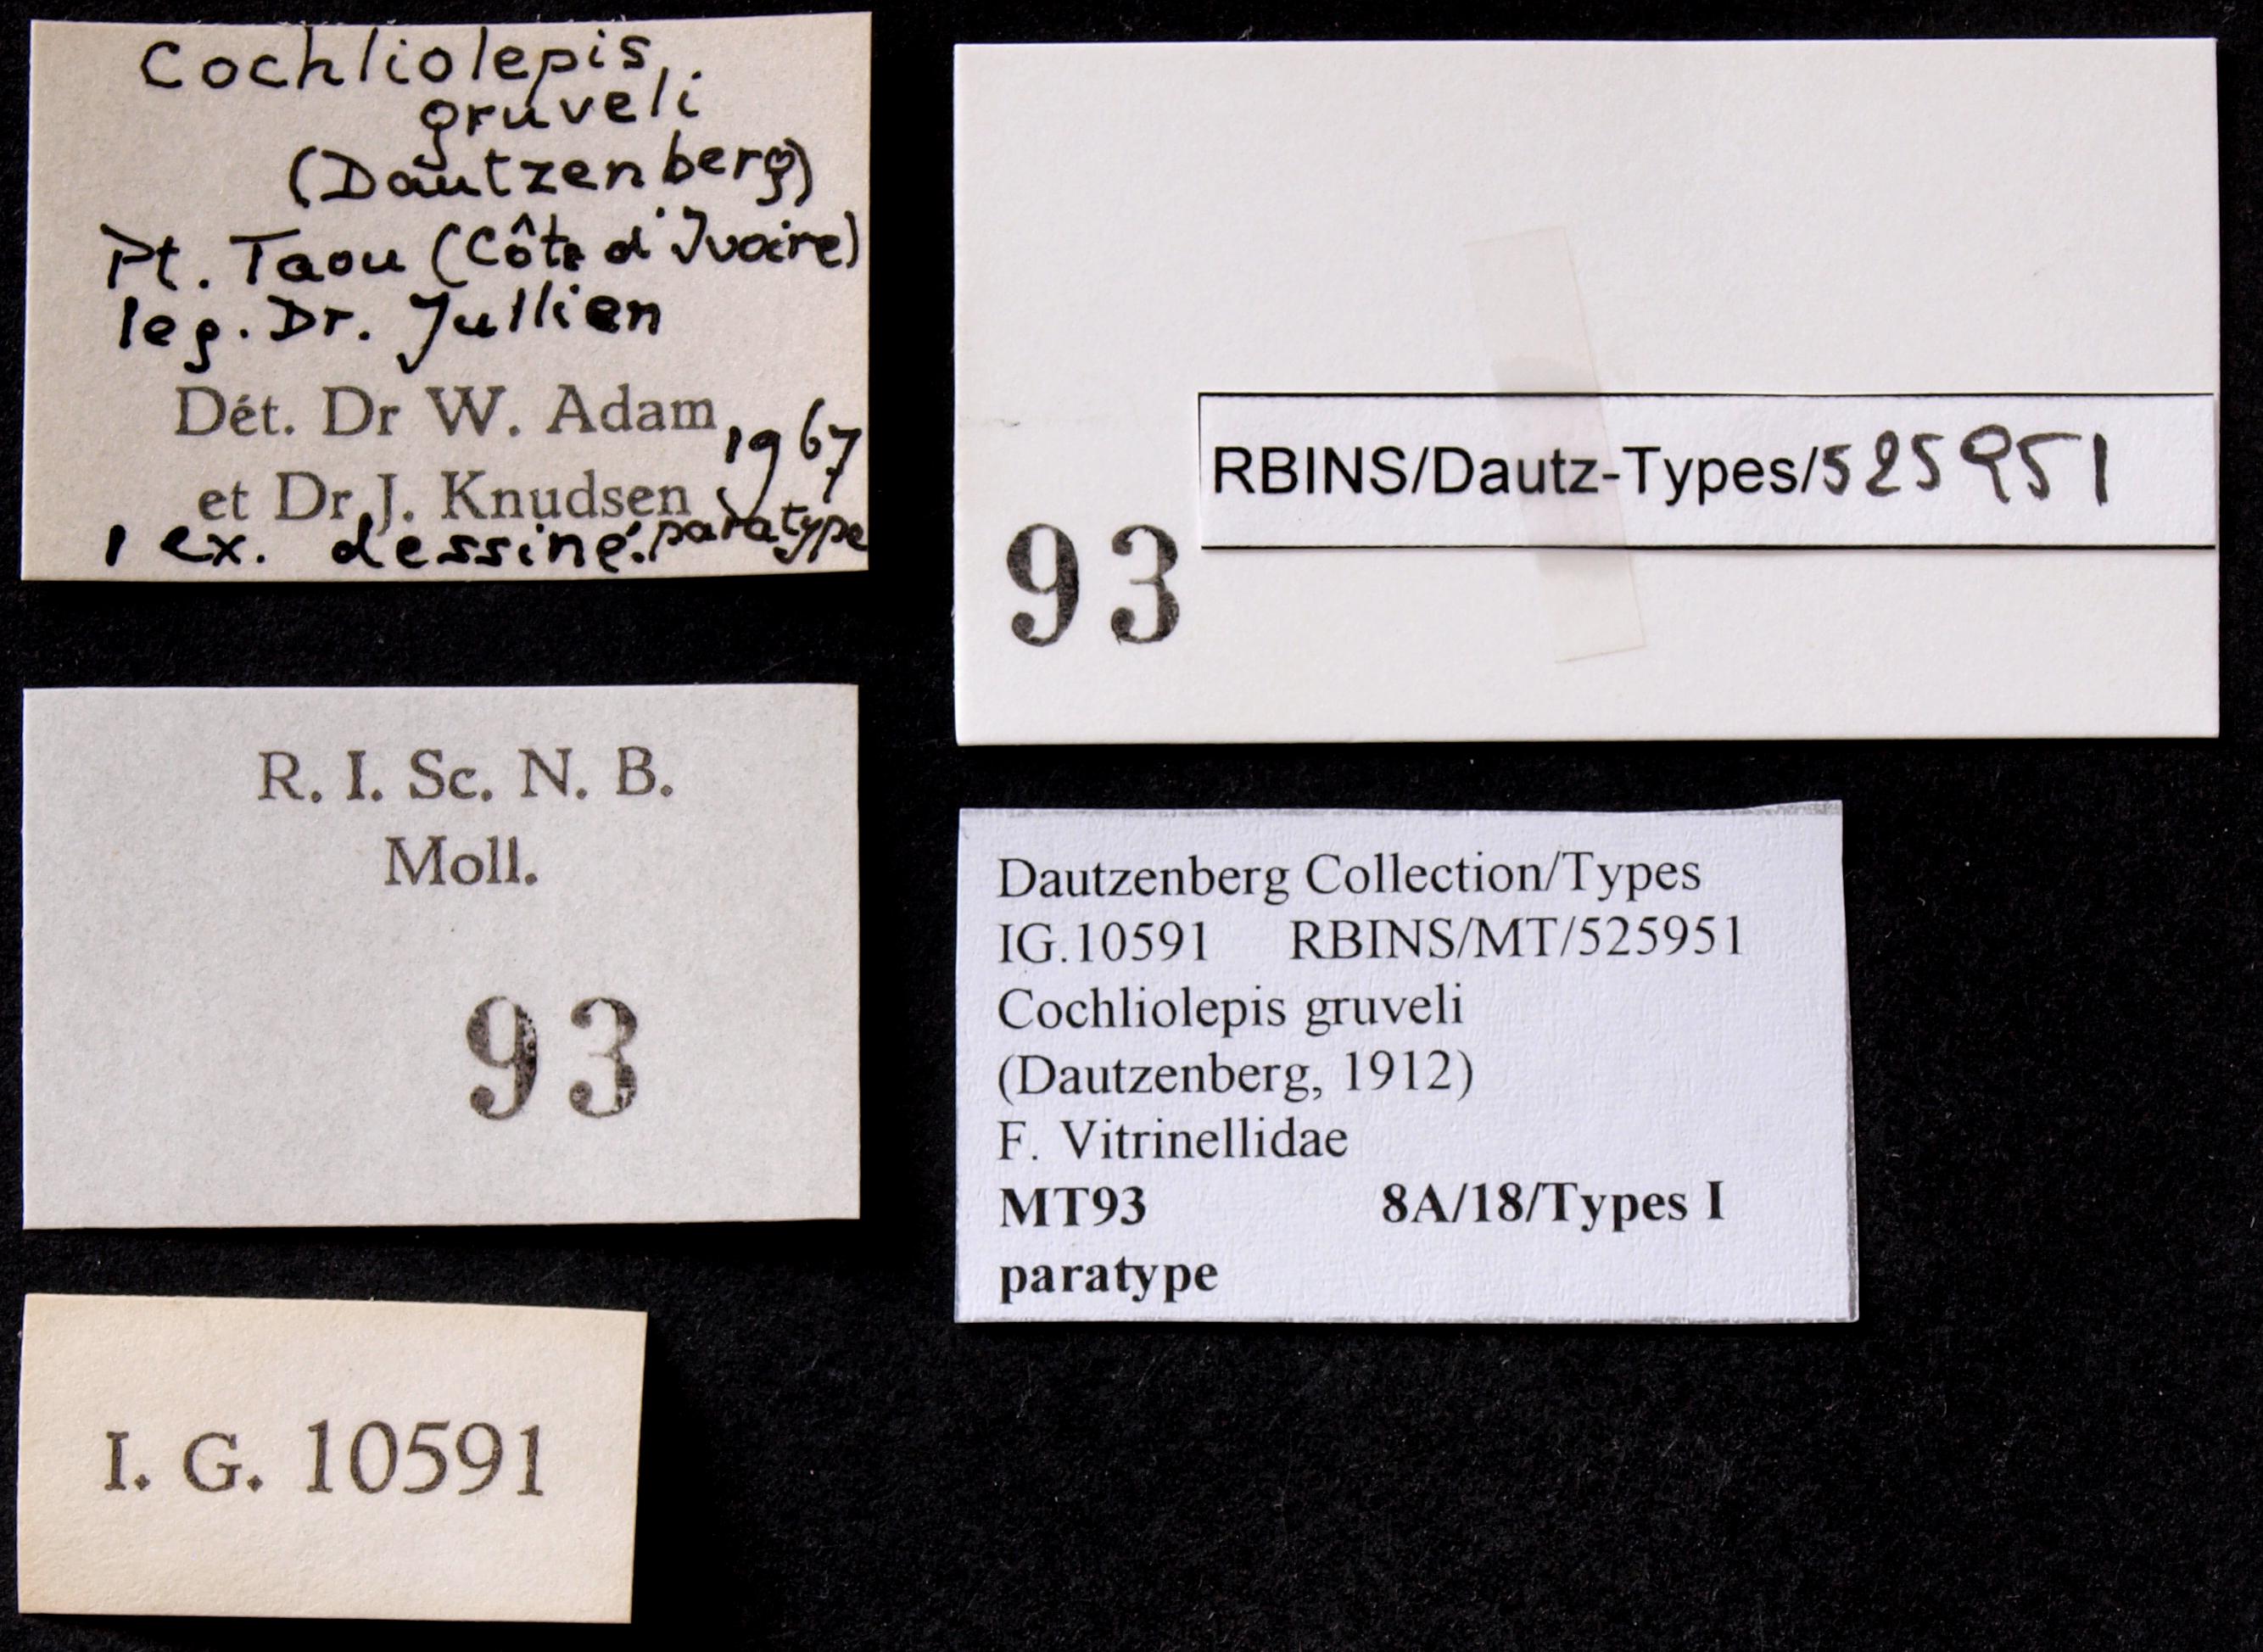 BE-RBINS-INV MT 93 Cochliolepis gruveli Pt Lb.JPG